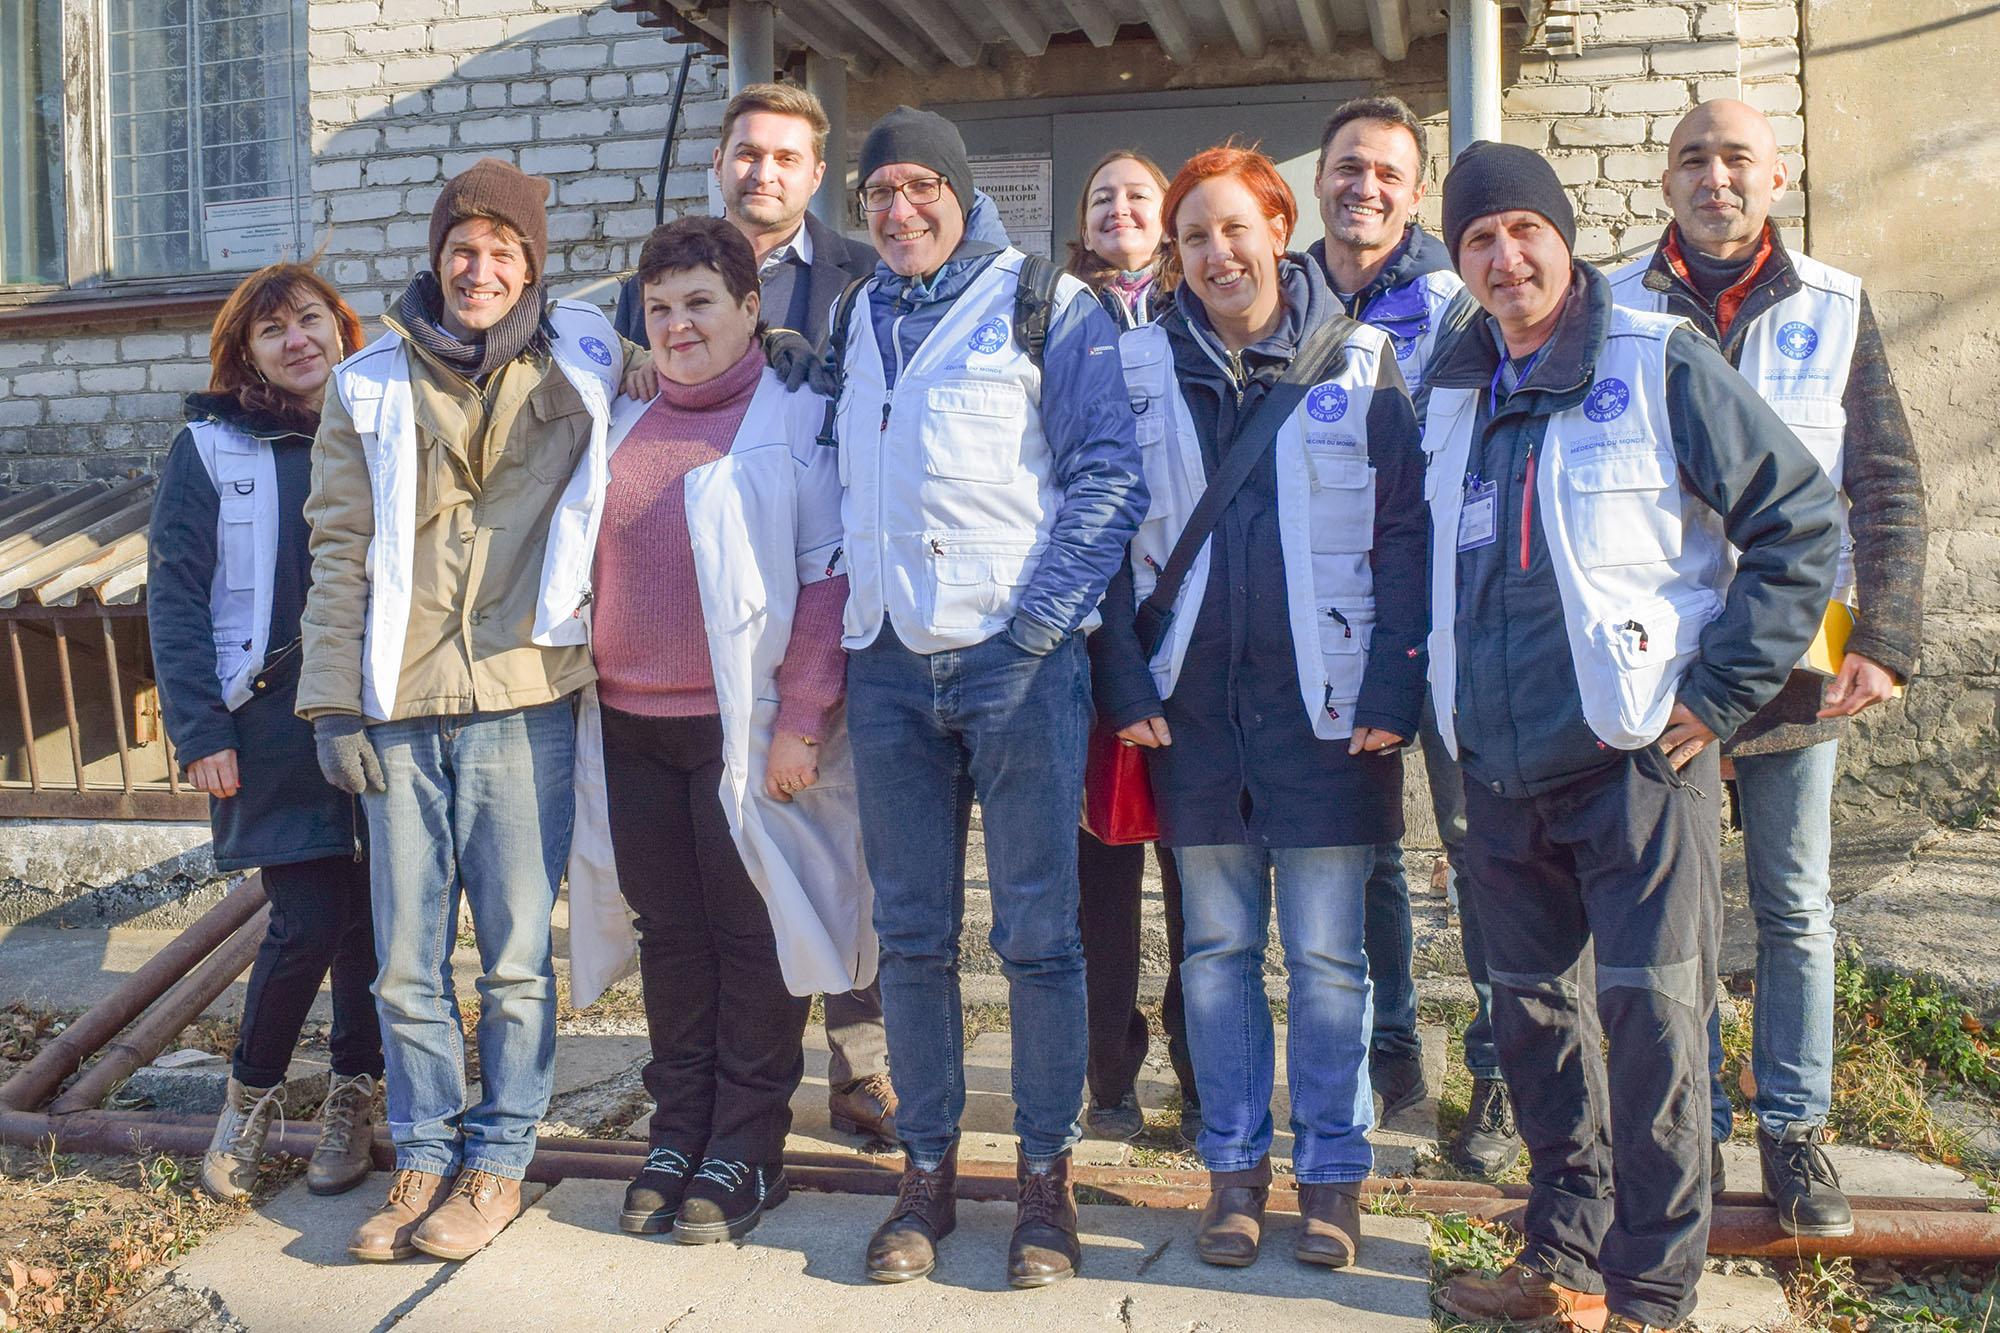 Das Ärzte der Welt-Team besucht ein Gesundheitszentrum in Mironovsky. Julia Brunner ist die vierte Person von rechts. Foto: Ärzte der Welt